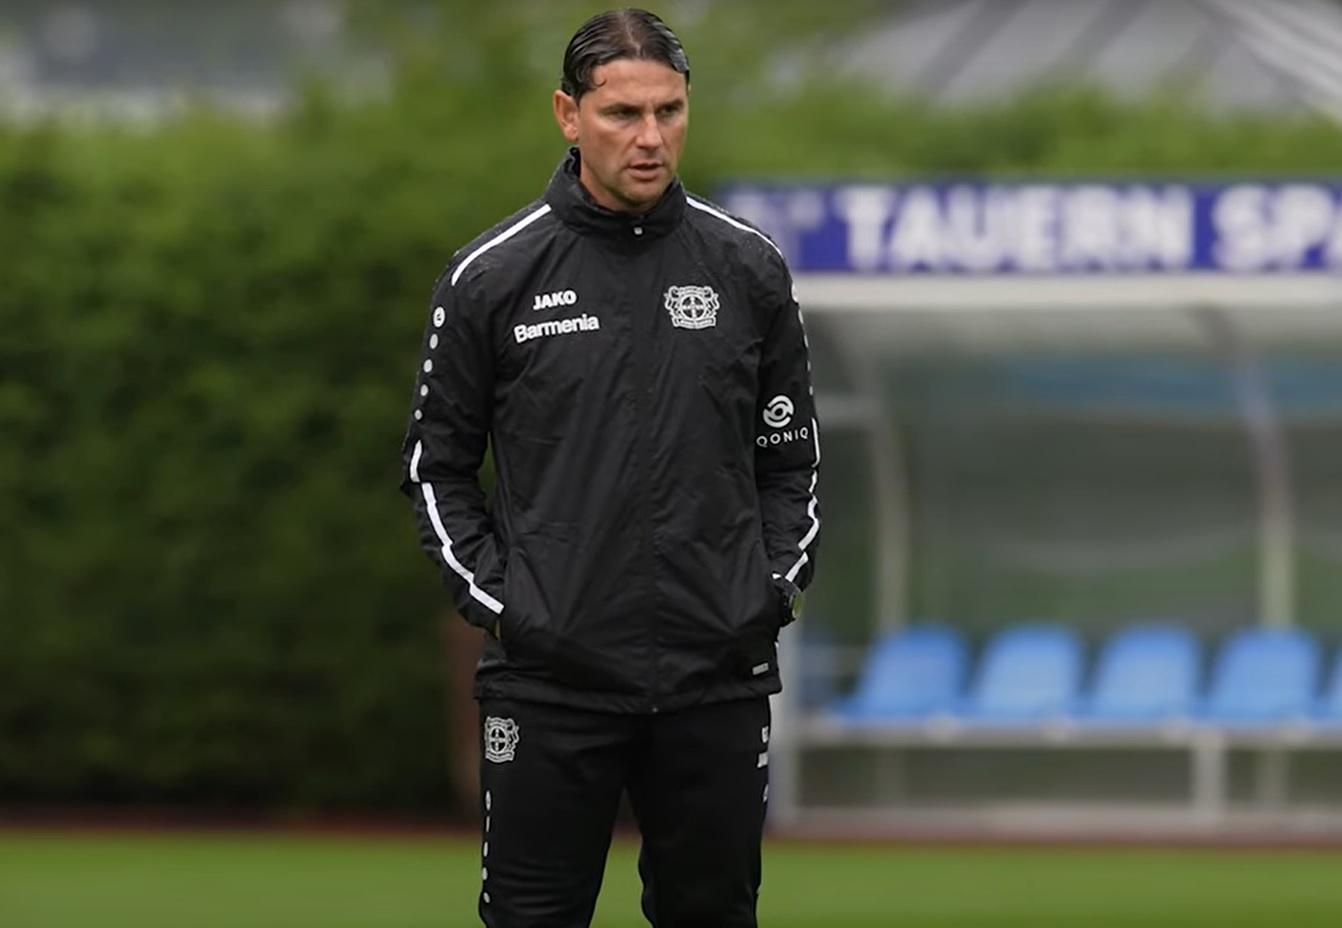 El nuevo entrenador del Leverkusen, Gerardo Seoane, saluda al 'impresionante' Florian Wirtz